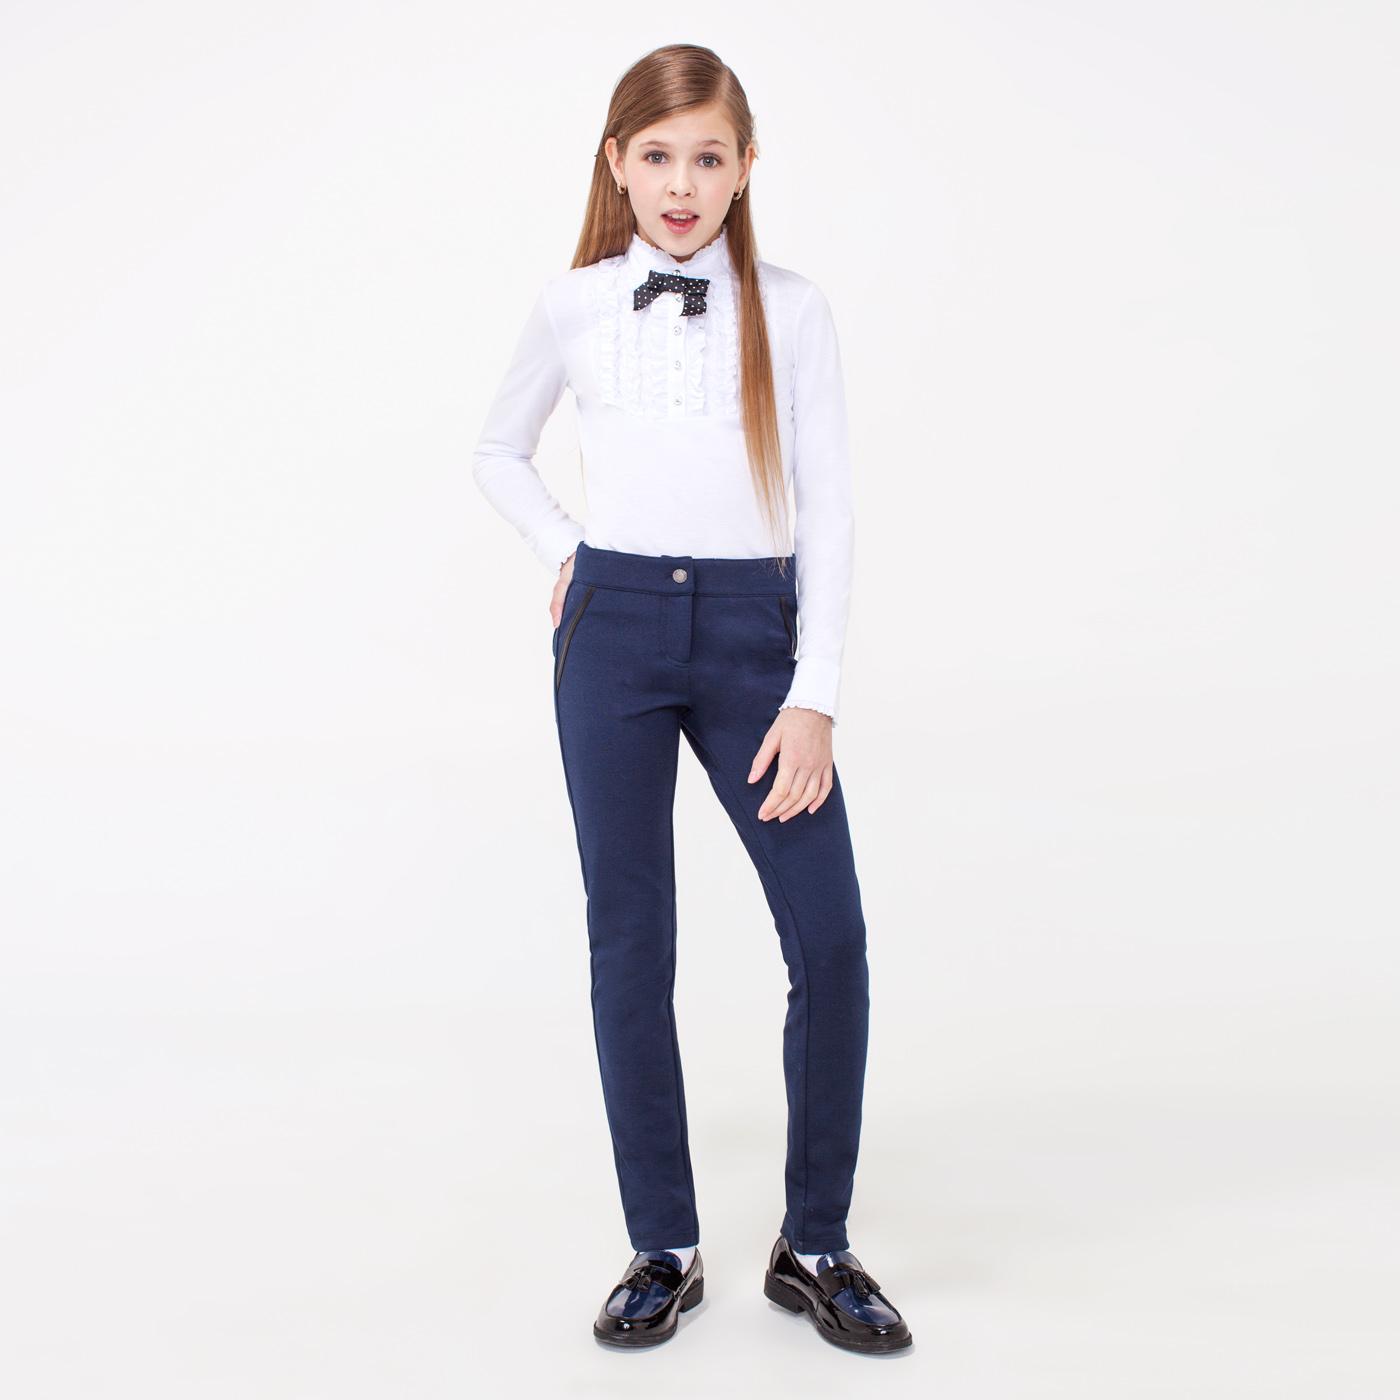 Детские брюки для девочек доставка